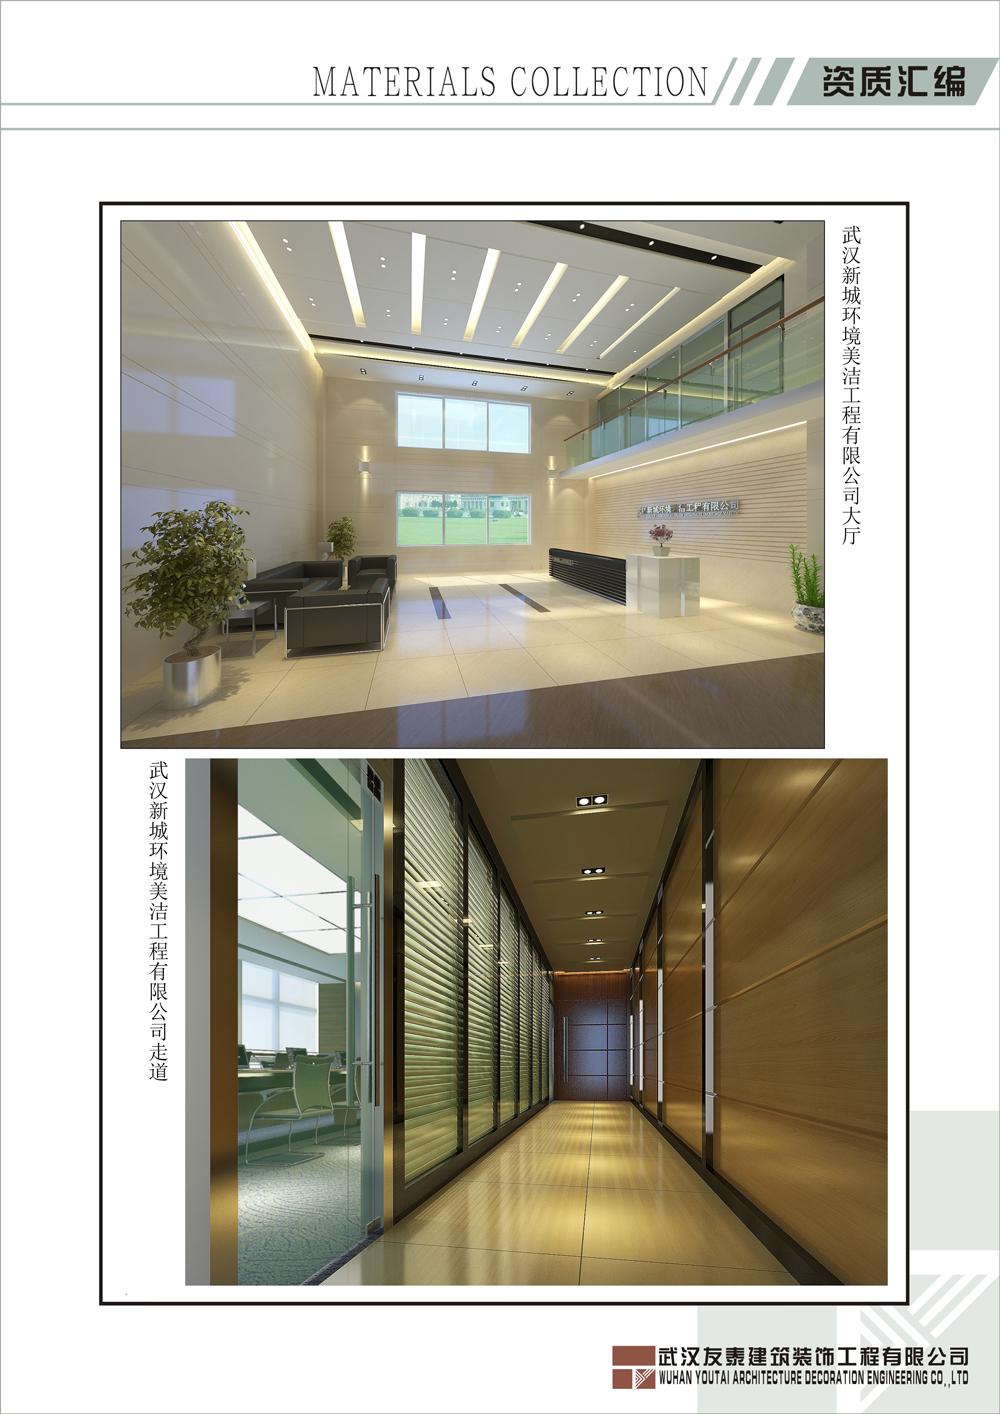 武汉新城环境美洁工程有限公司